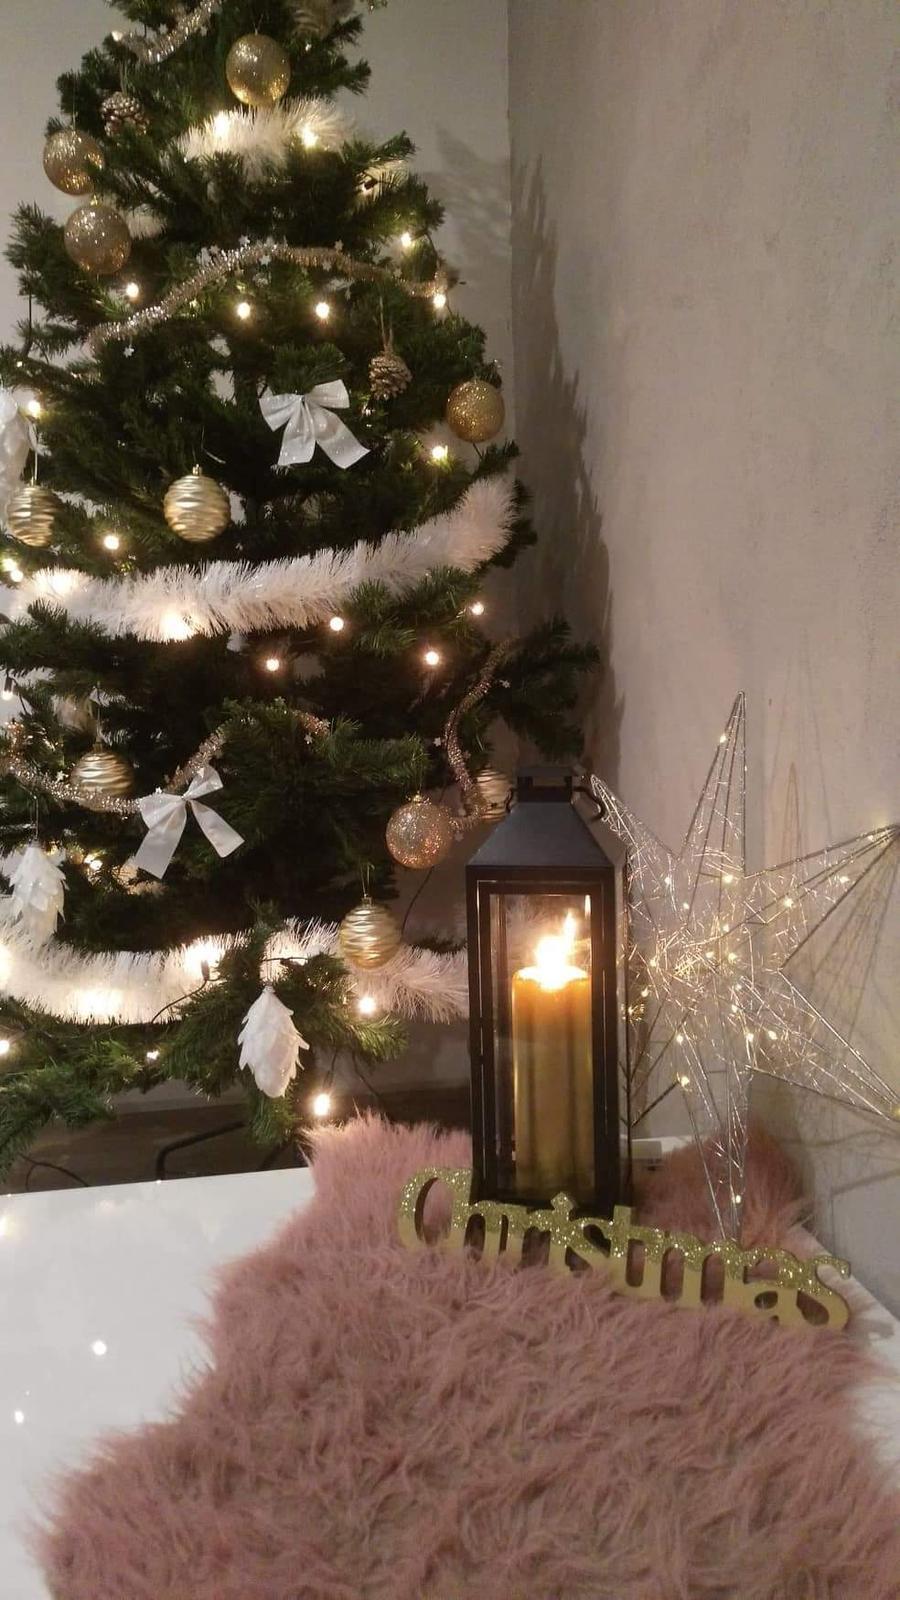 Ten náš <3 - Vánoční nálada :-)